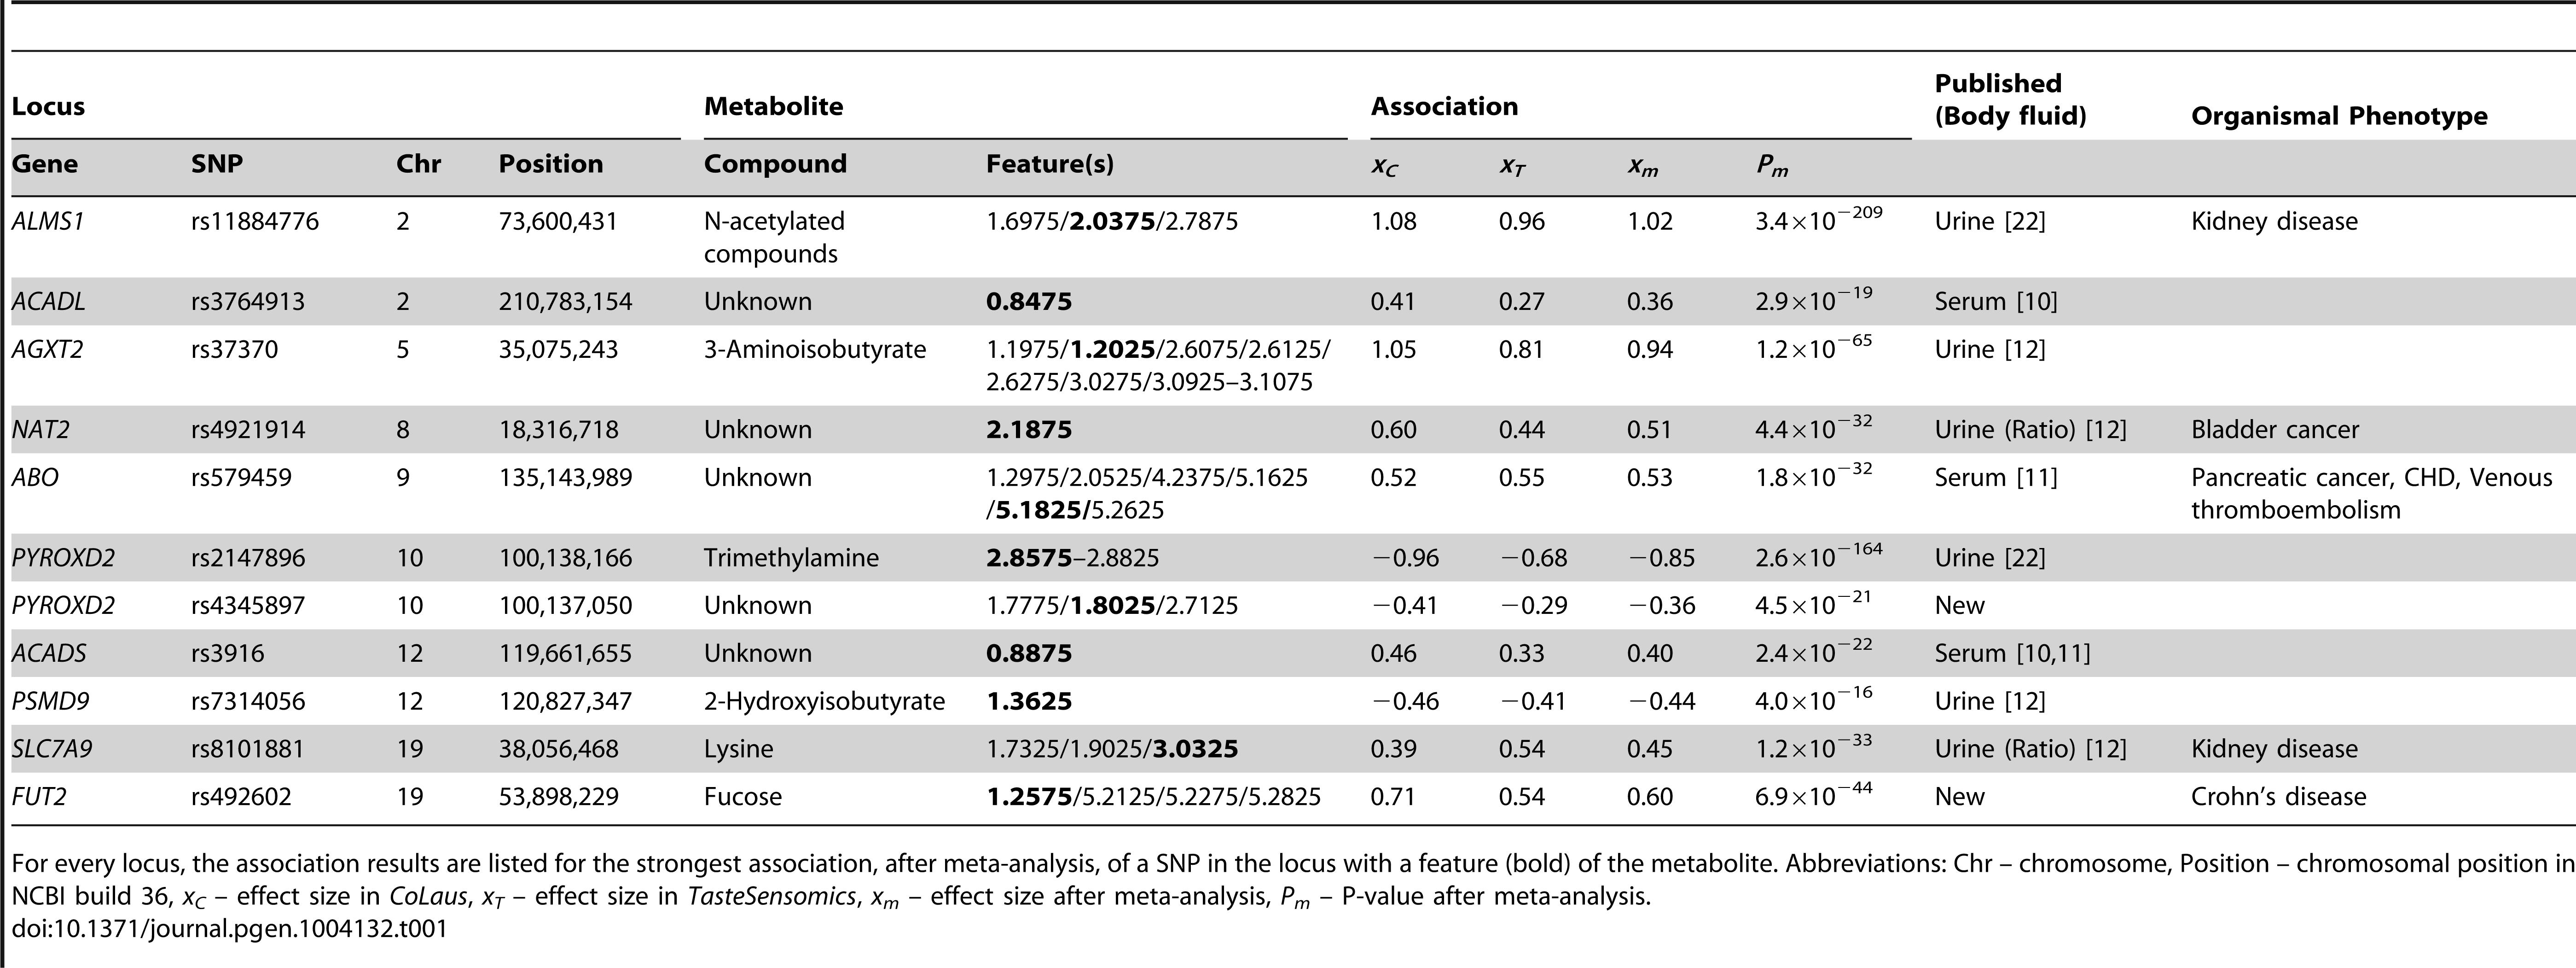 Locus-metabolite associations.